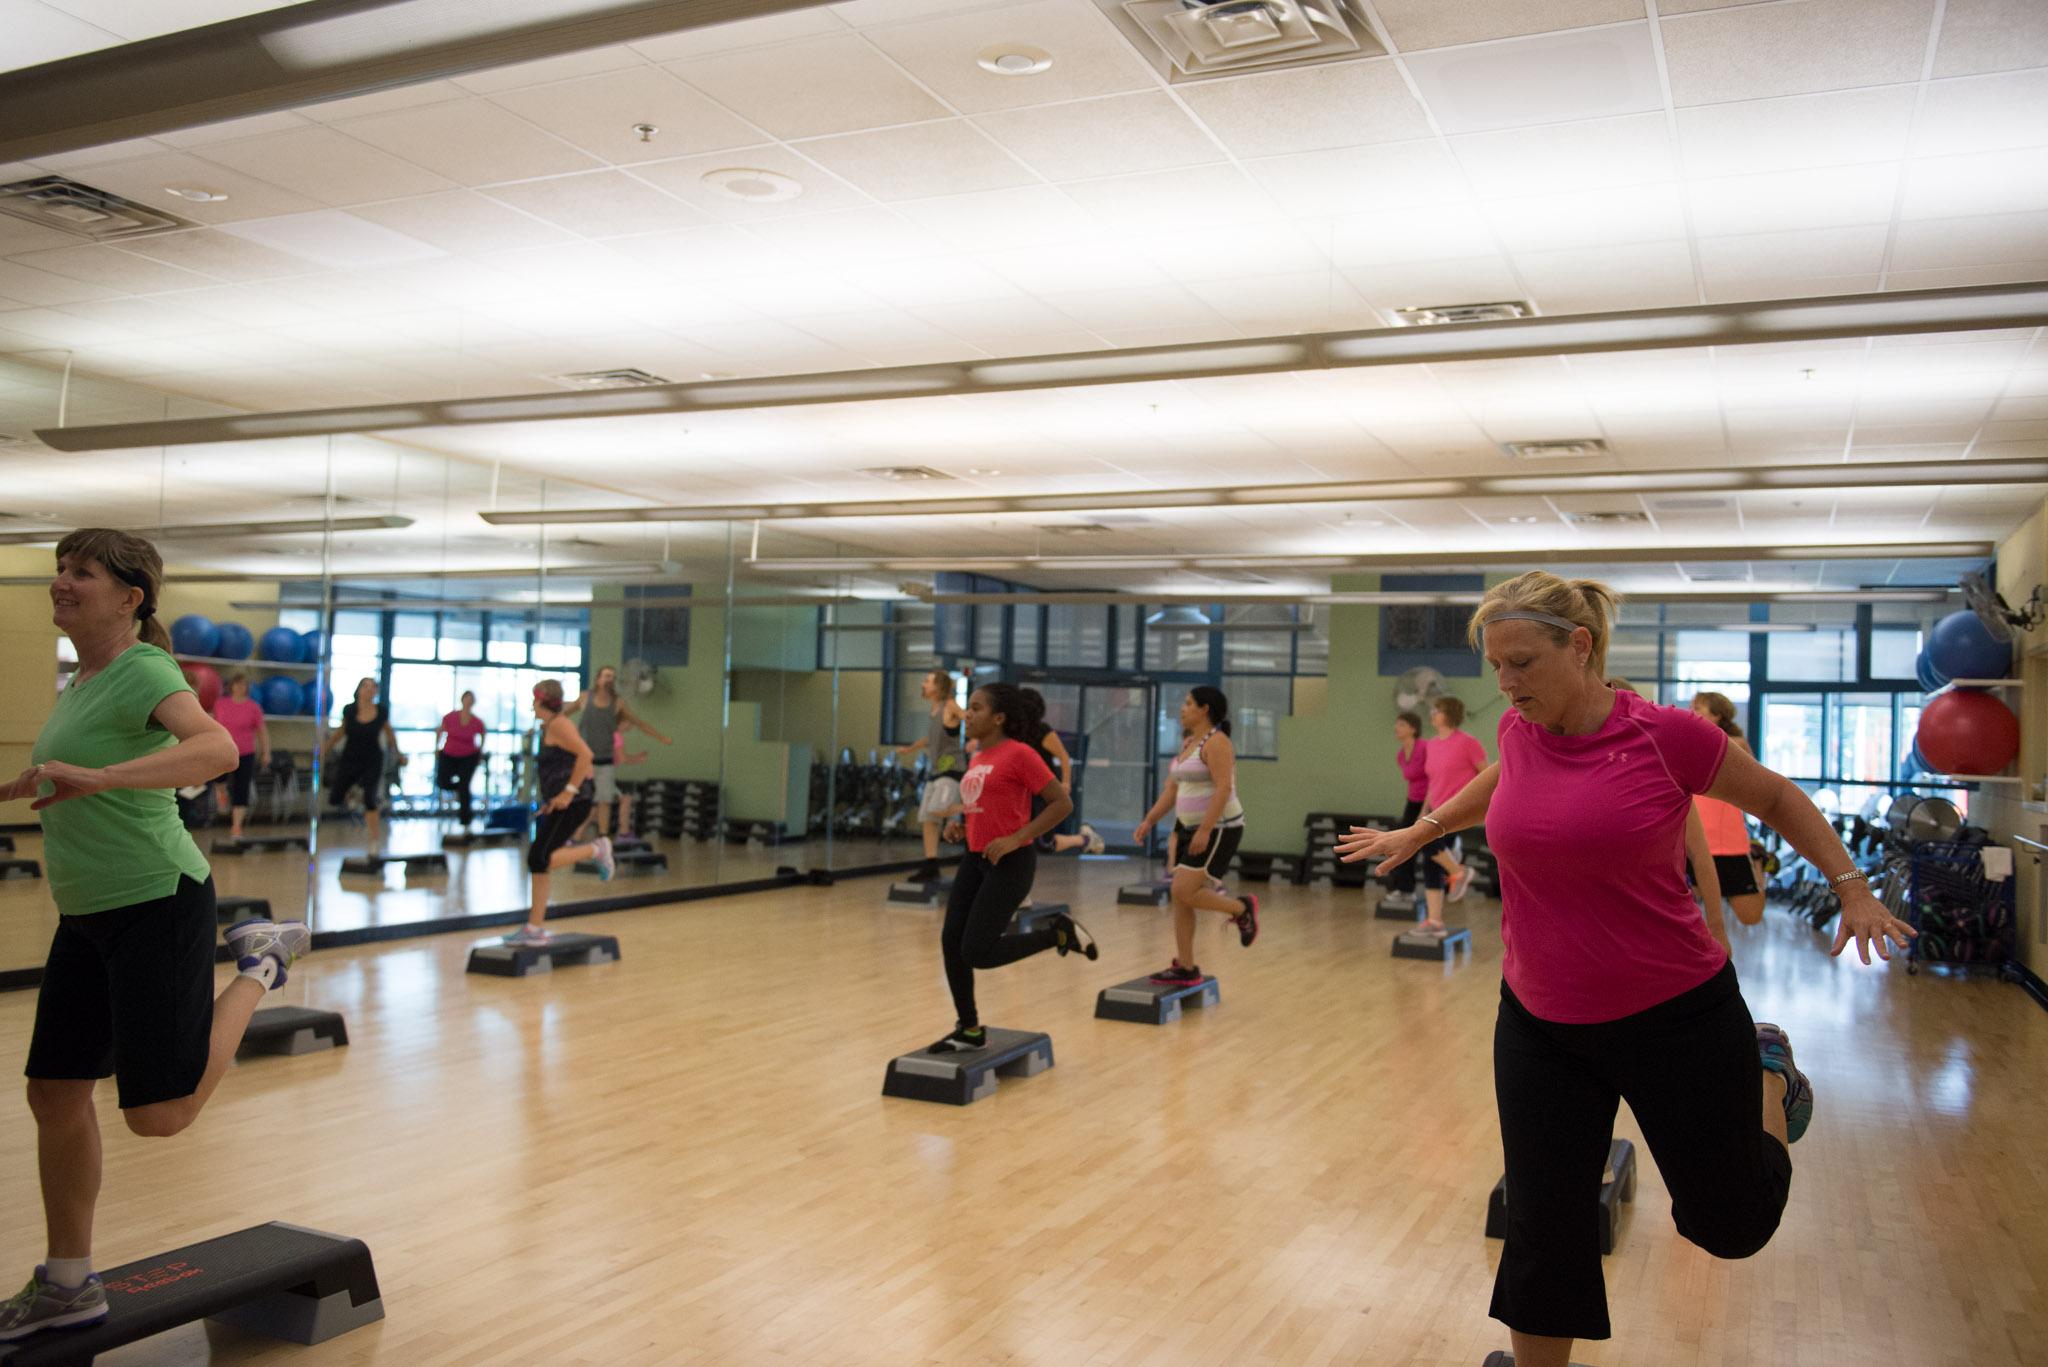 Wellness Center Stock Photos-1417.jpg